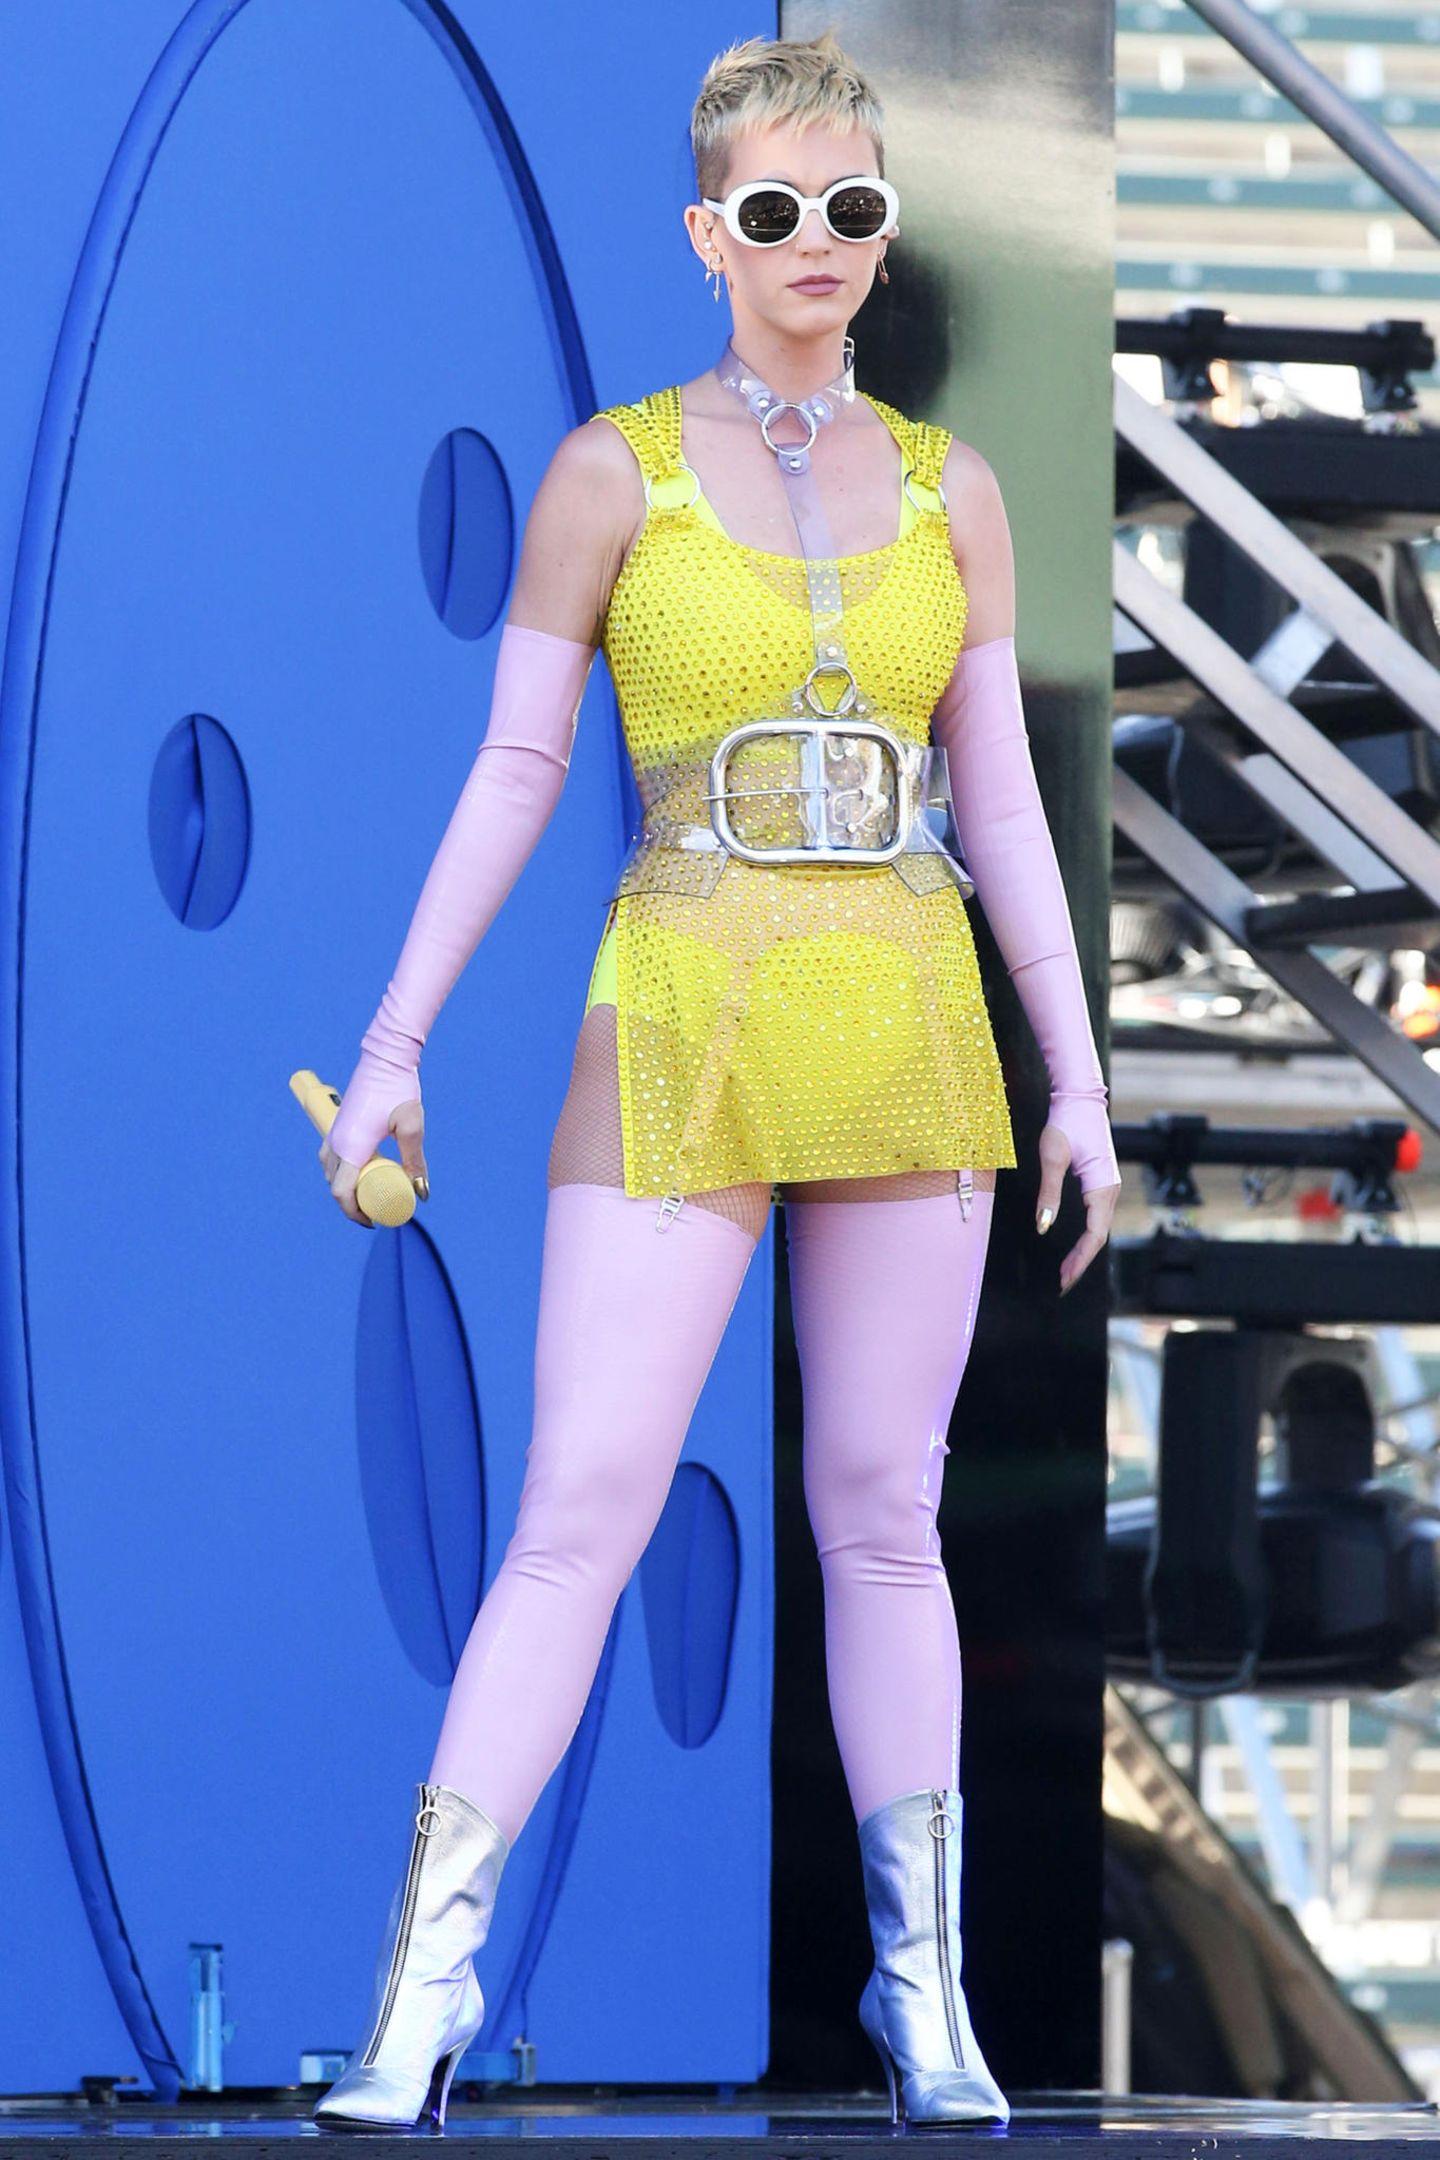 Ups! Was ist das denn für ein gewagter Look? Auf der Bühne darf es ja gerne auch mal etwas mehr - oder auch weniger - sein. Aber hier meinte es Katy Perry wohl etwas zu gut oder? Von der Seite ist dieser Look allerdings noch freizügiger ...